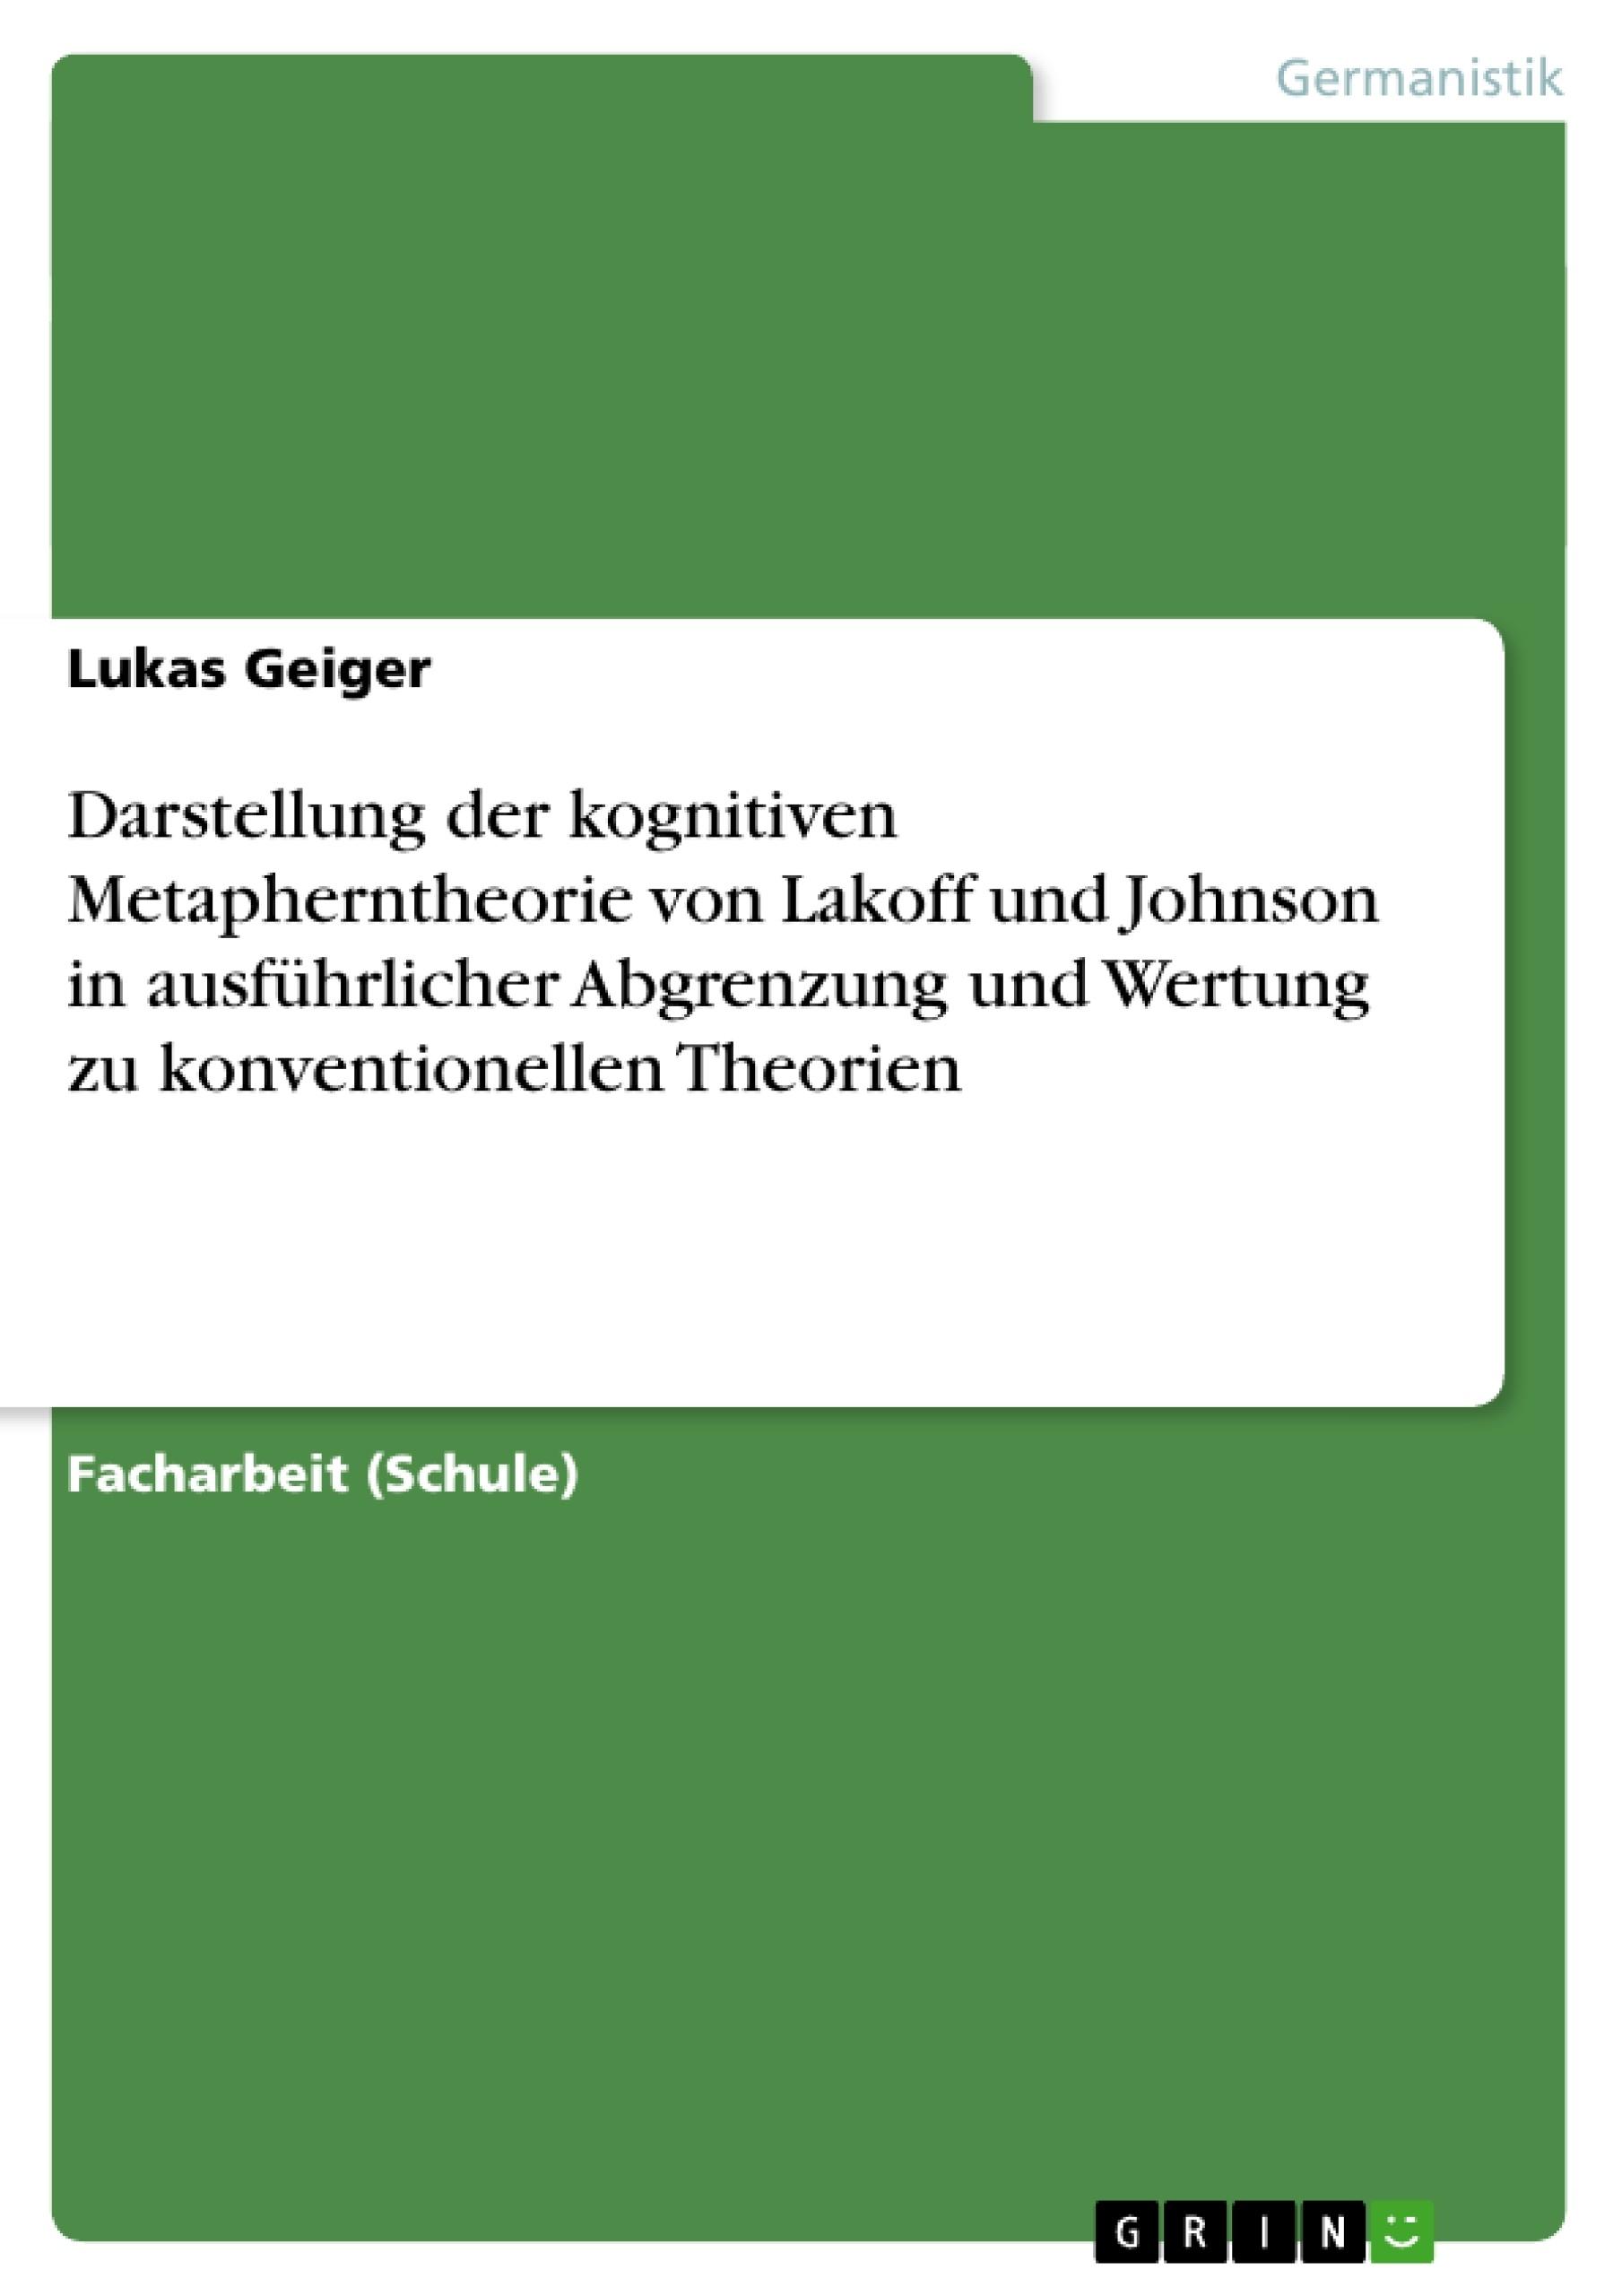 Titel: Darstellung der kognitiven Metapherntheorie von Lakoff und Johnson in ausführlicher Abgrenzung und Wertung zu konventionellen Theorien